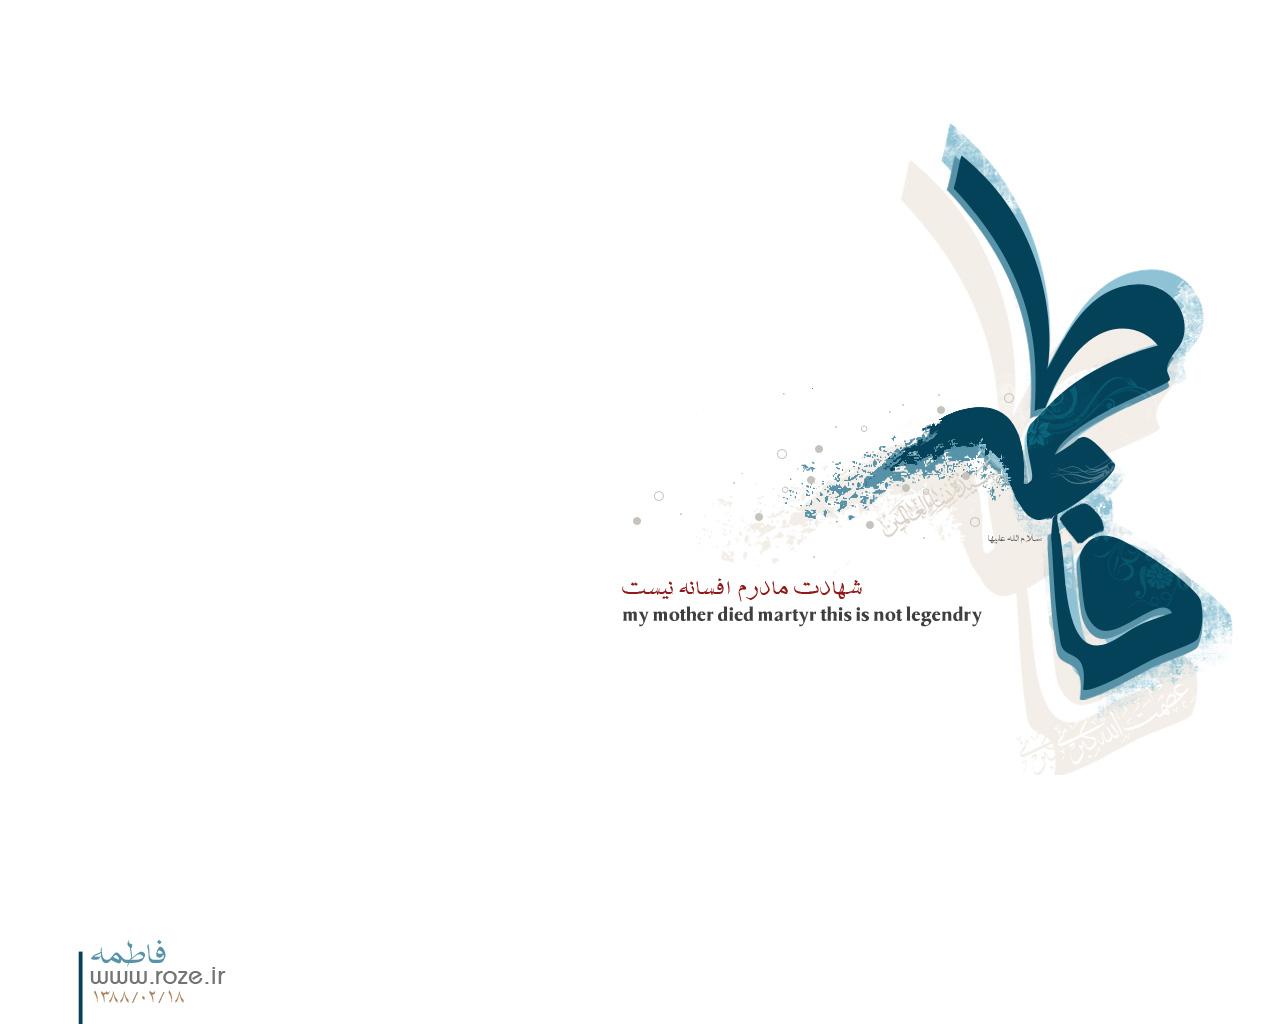 شهادت مادرم افسانه نیست  --- عکس با کیفیت از گرافیک زیبا به مناسبت شهادت حضرت فاطمه زهرا سلام الله علیها دختر گرامی حضرت محمد صلی الله علیه و اله وسلم  با عنوان  شهادت مادرم افسانه نیست